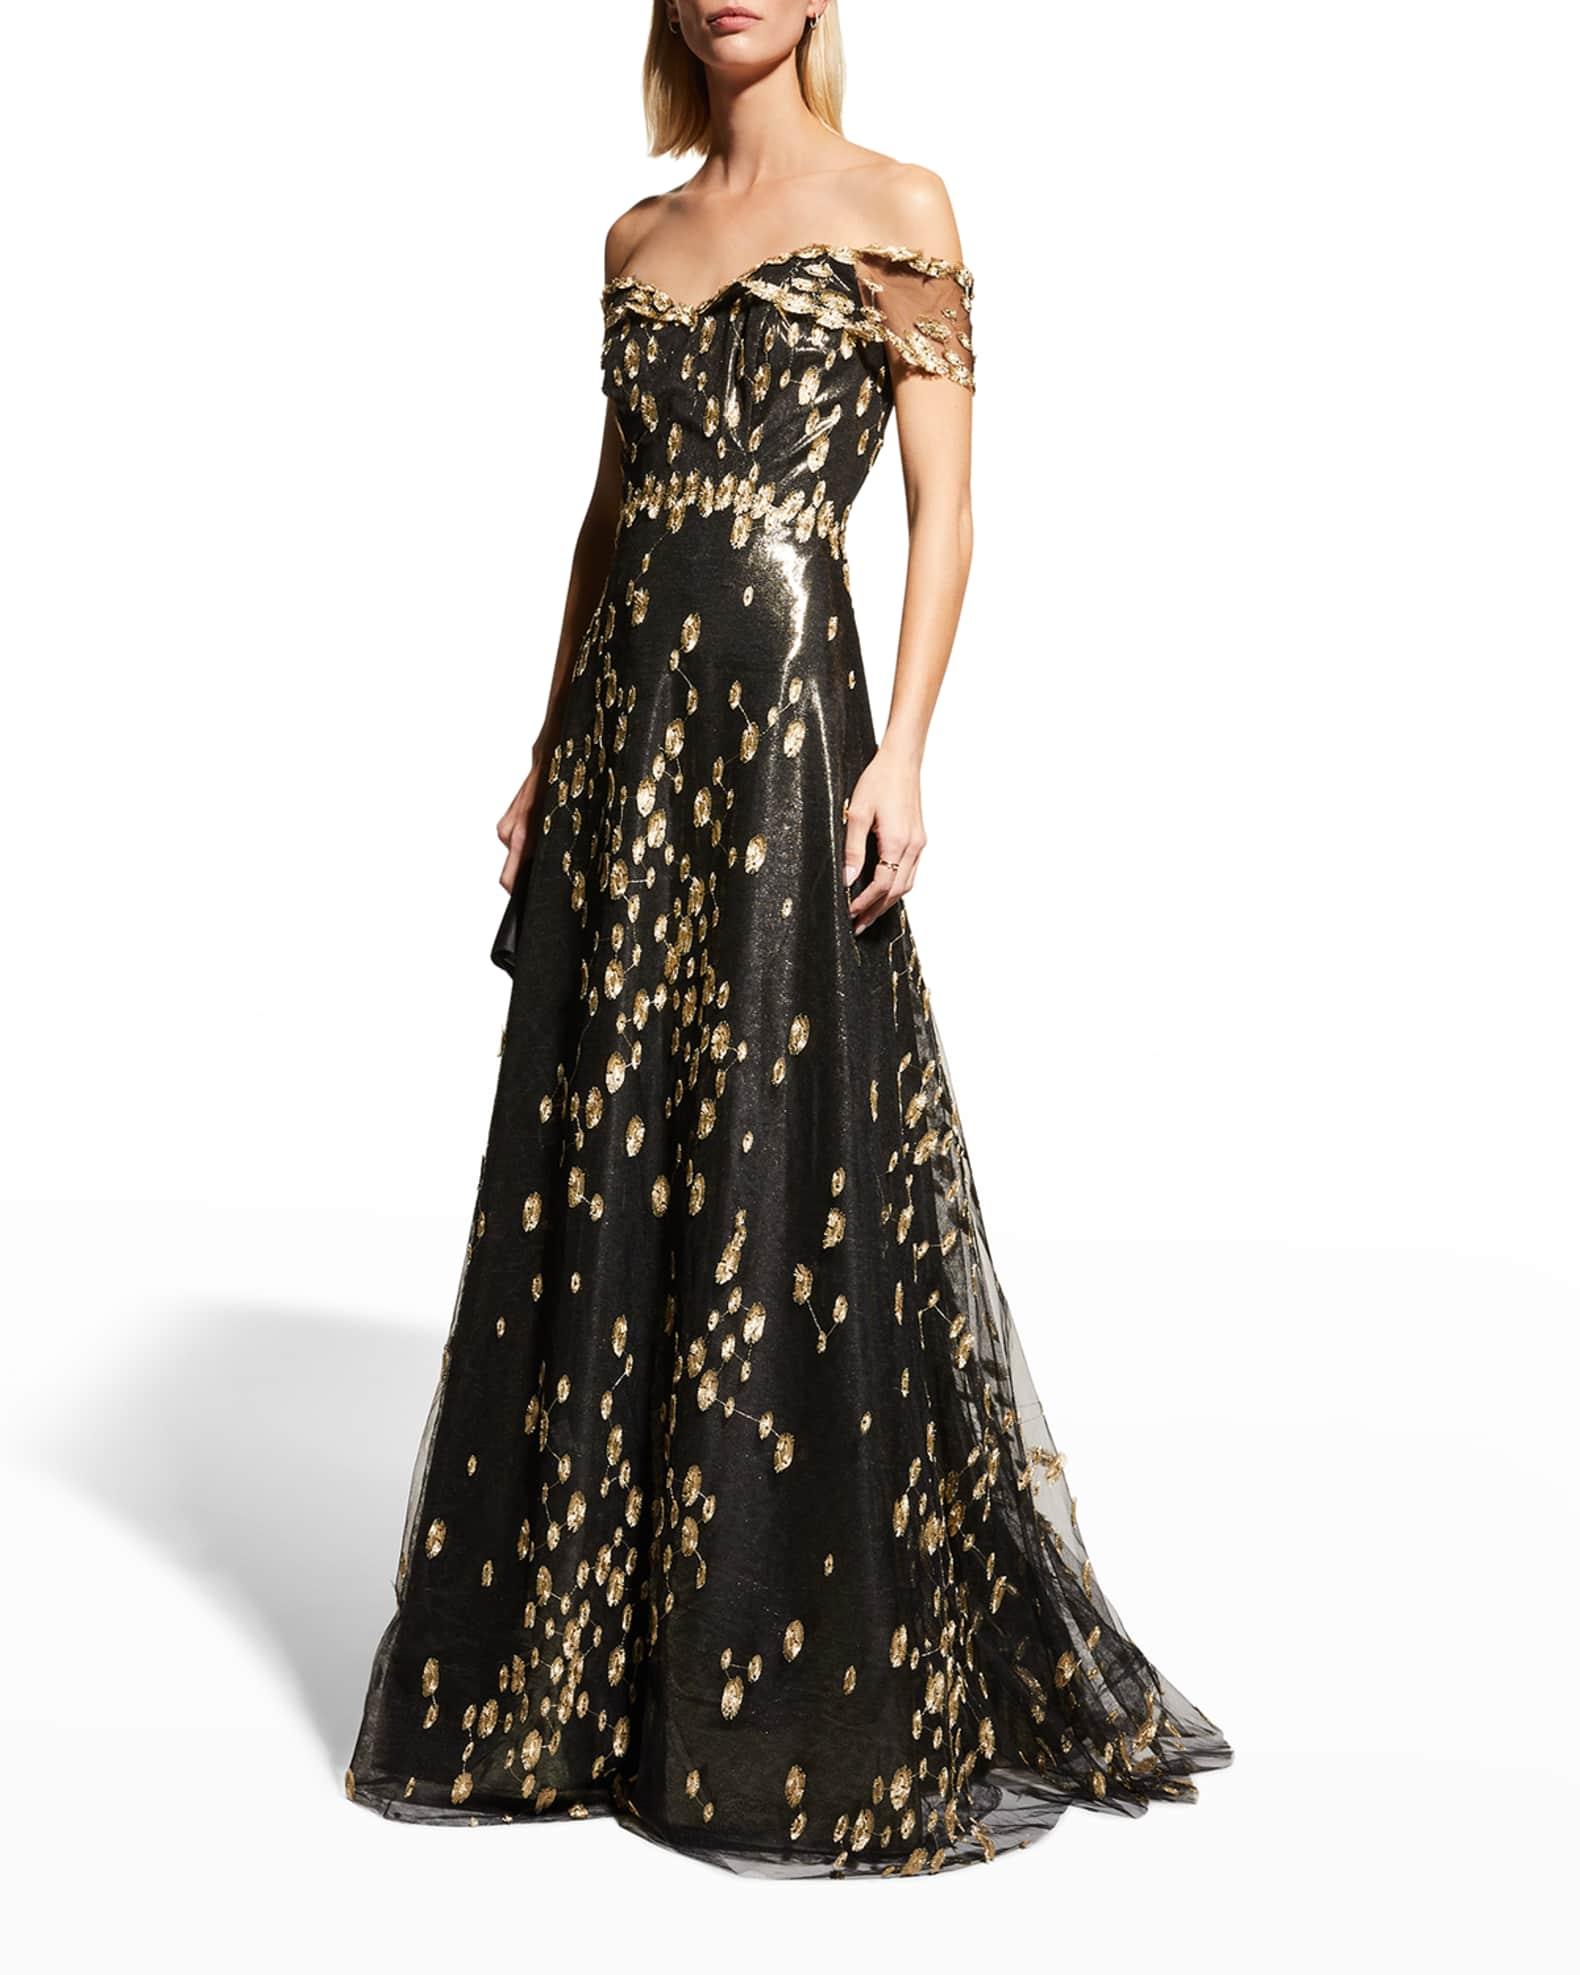 RENE RUIZ Off-Shoulder Metallic A-Line Gown